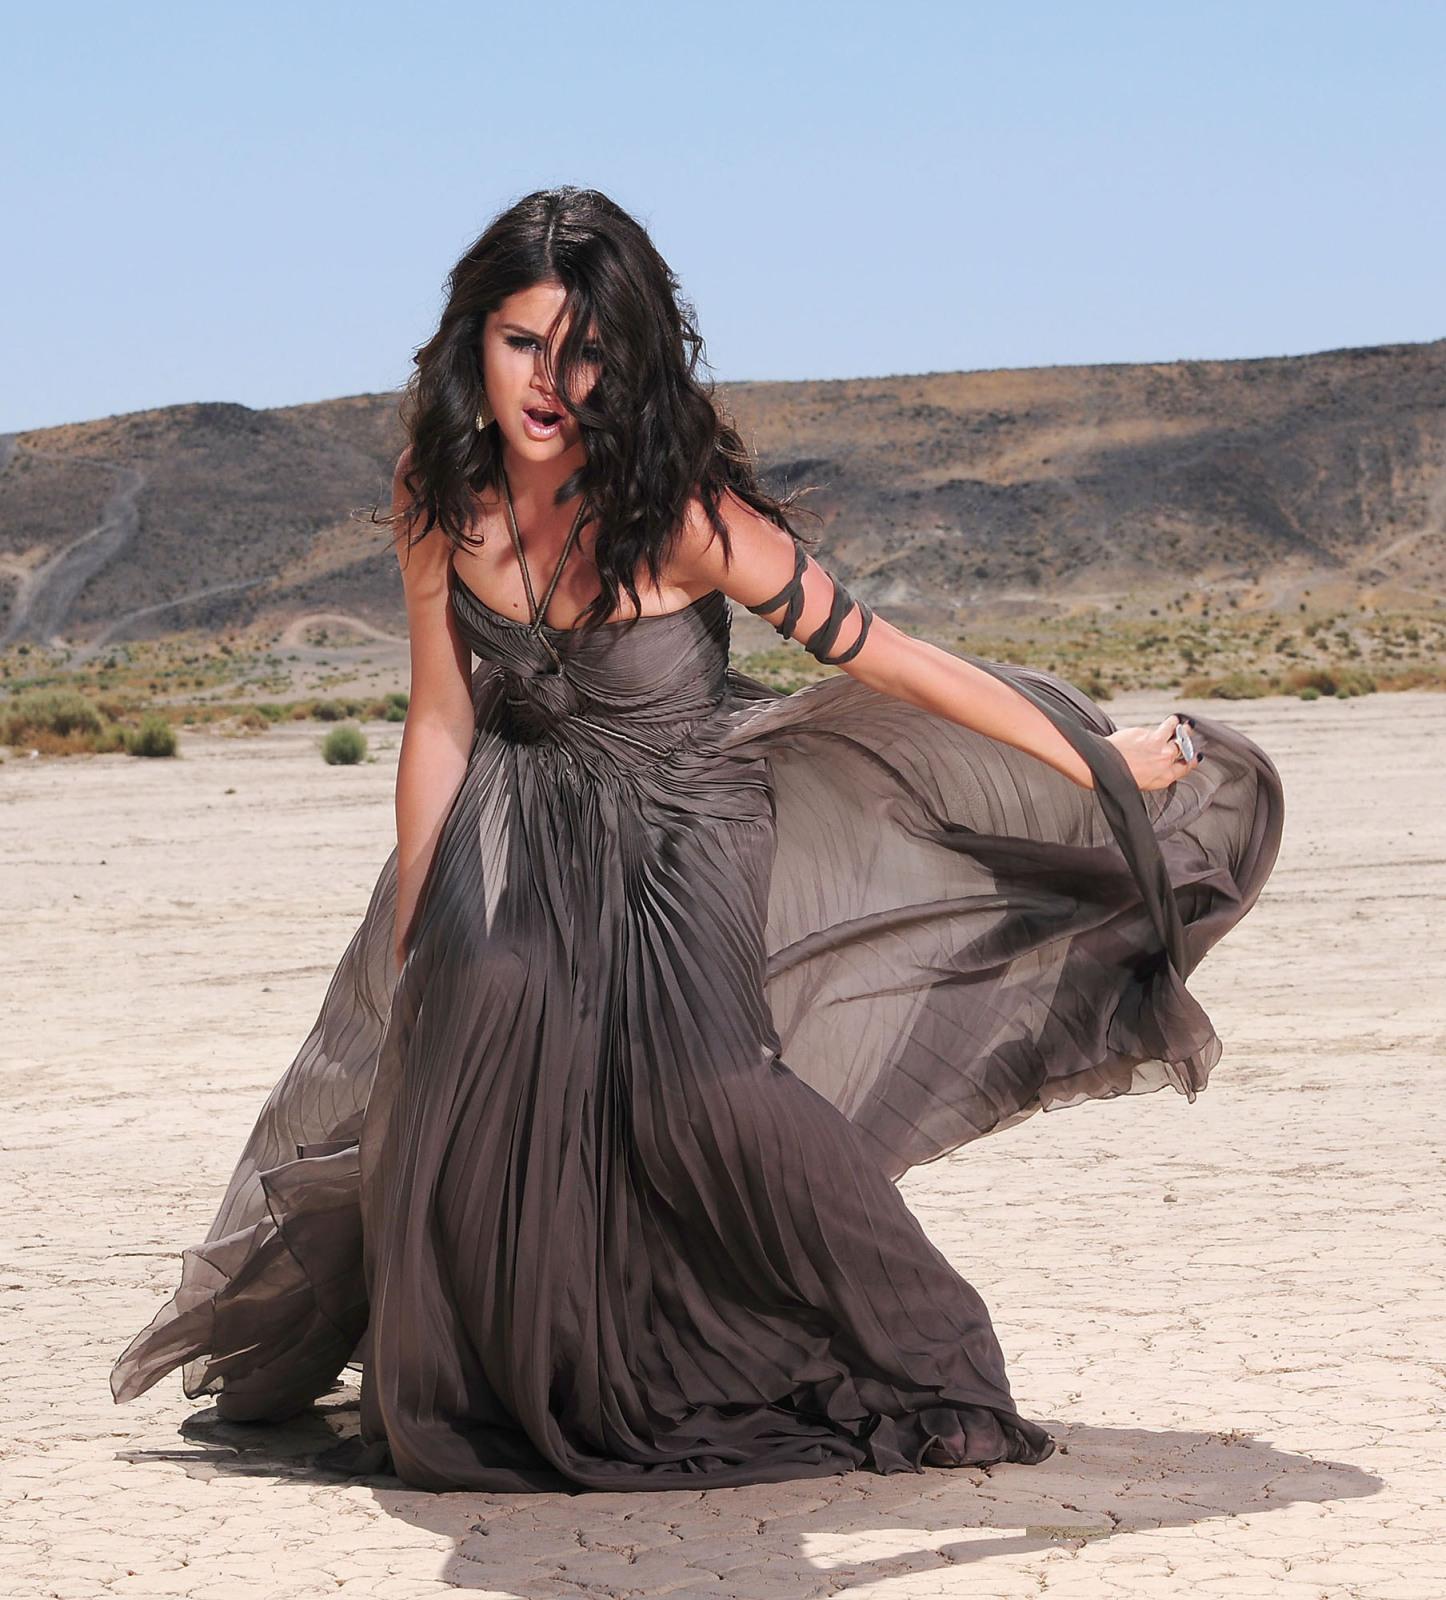 http://1.bp.blogspot.com/-CRpR_uS1UFE/T8uh6VQWKwI/AAAAAAAAEDE/uDfX1Yvp9Dg/s1600/Selena%2BGomez%2BHot-4.jpg